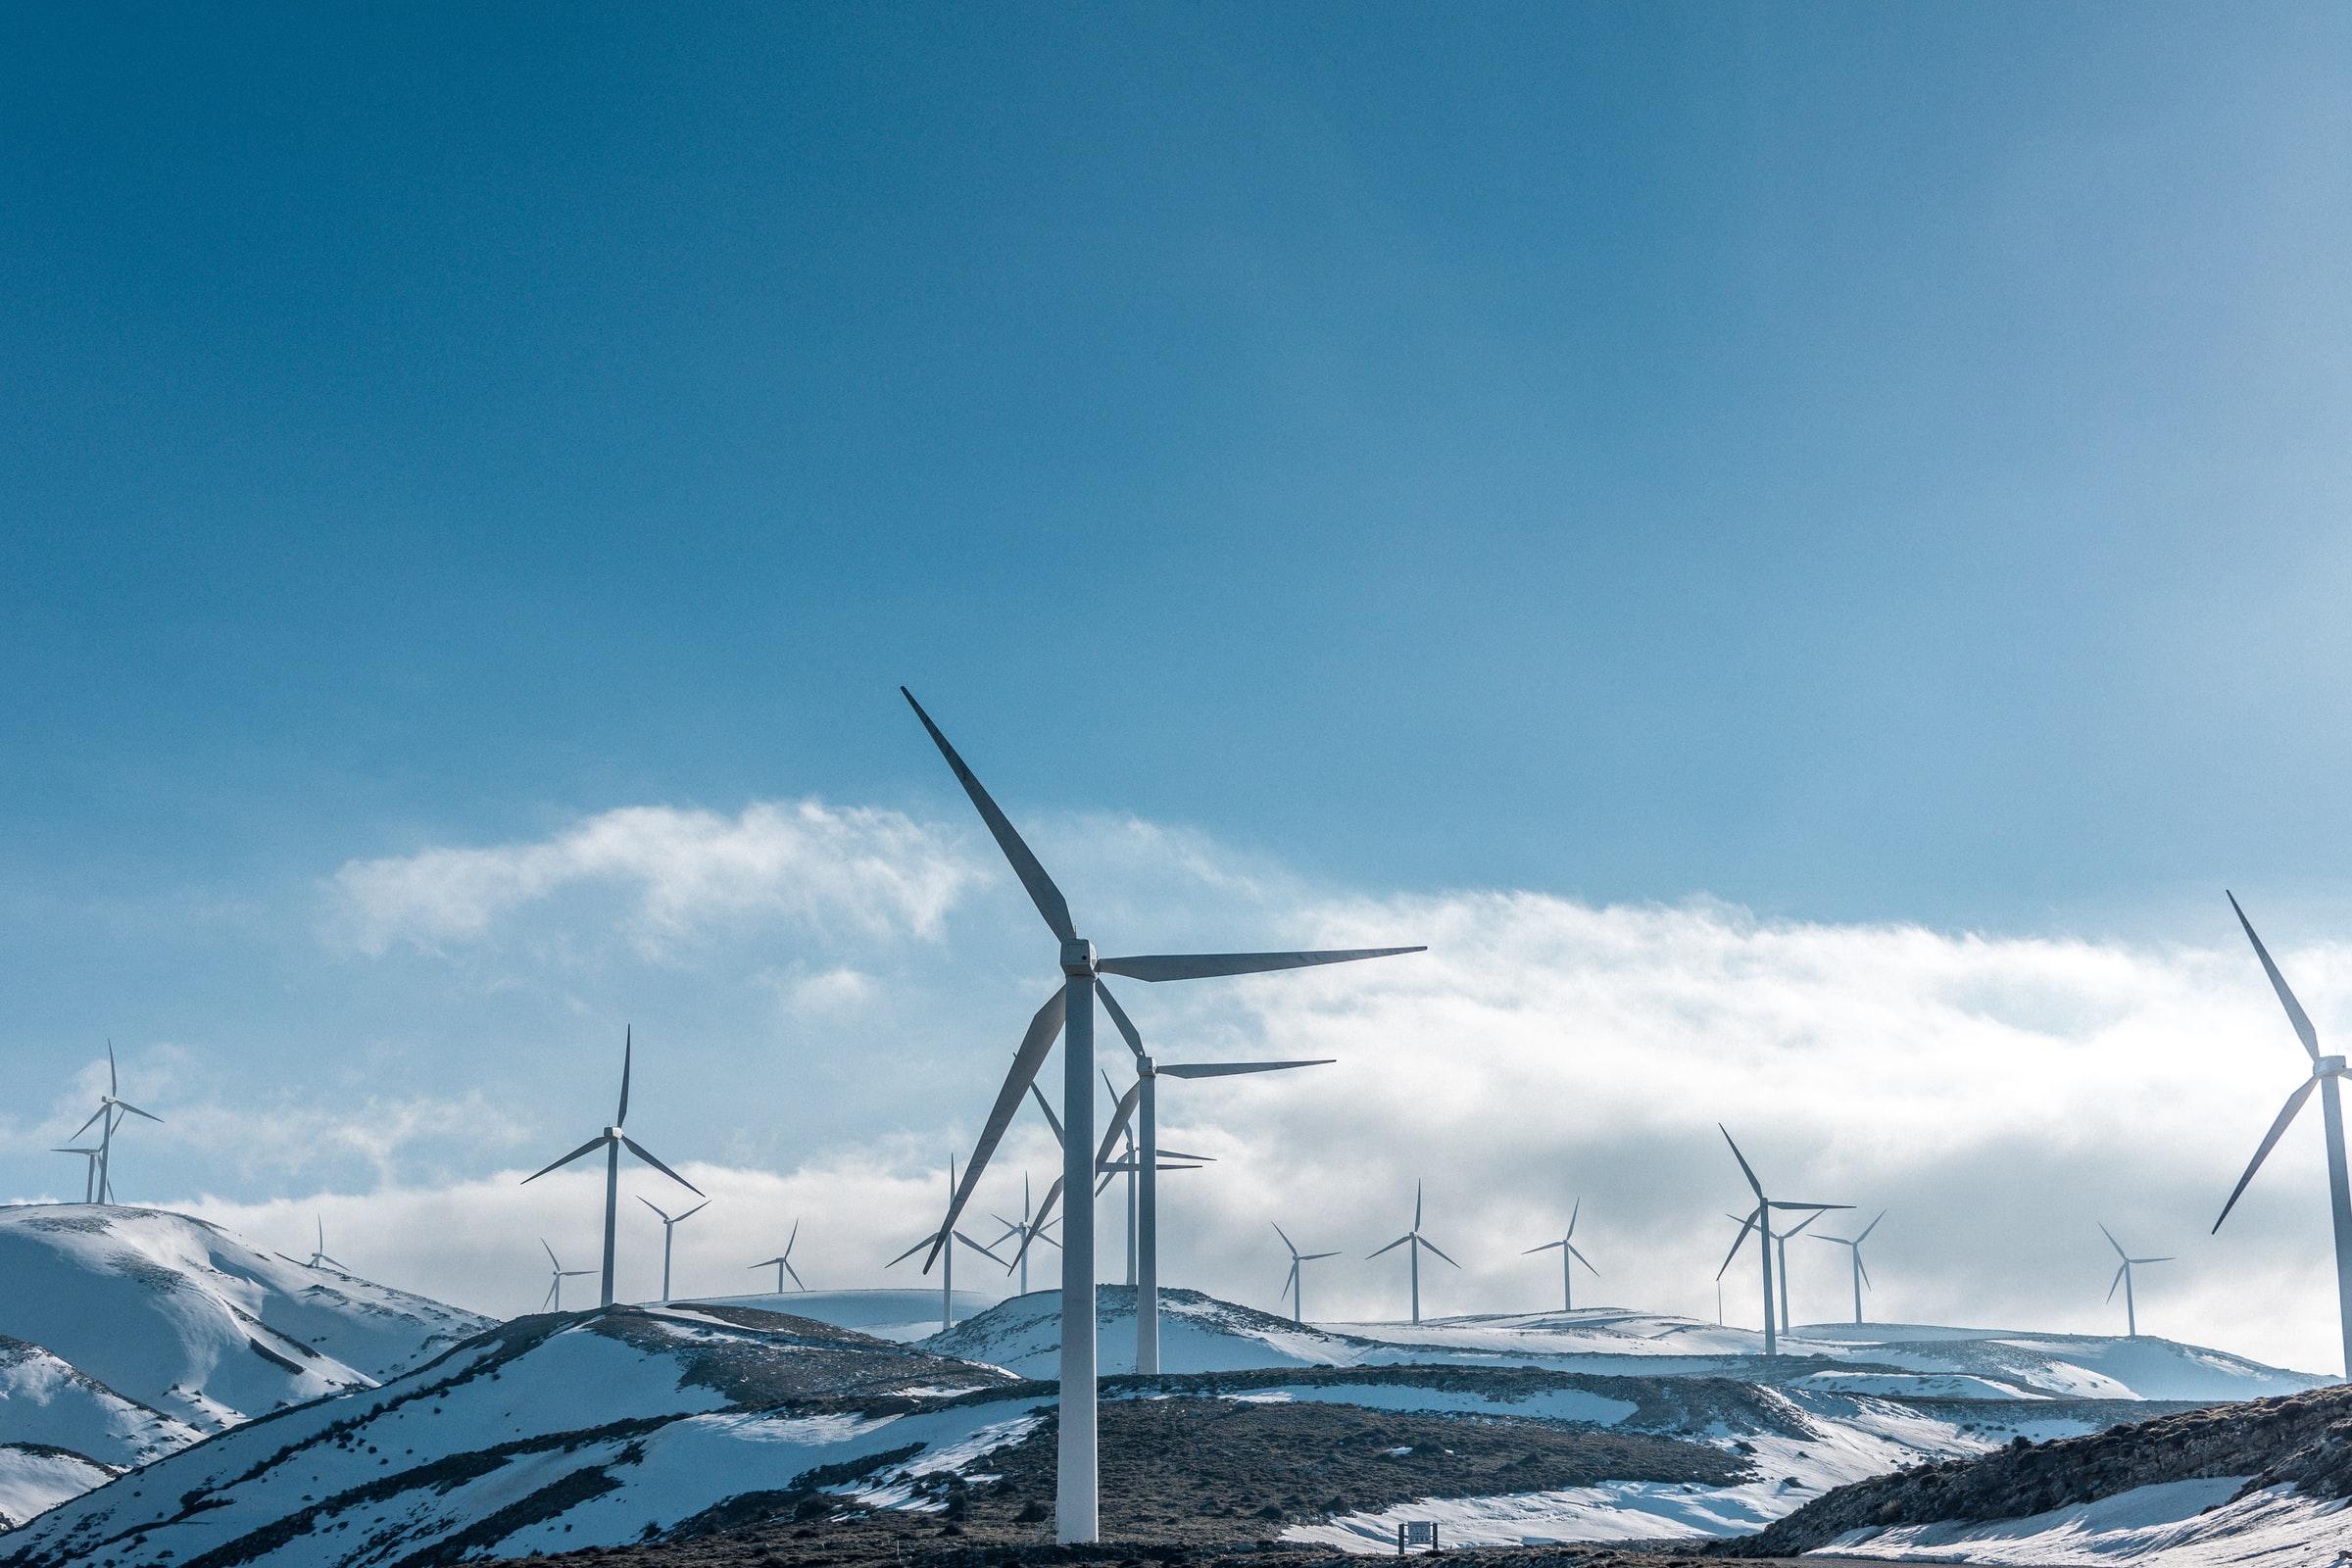 Wärtsilä releases renewables report, ahead of COP26